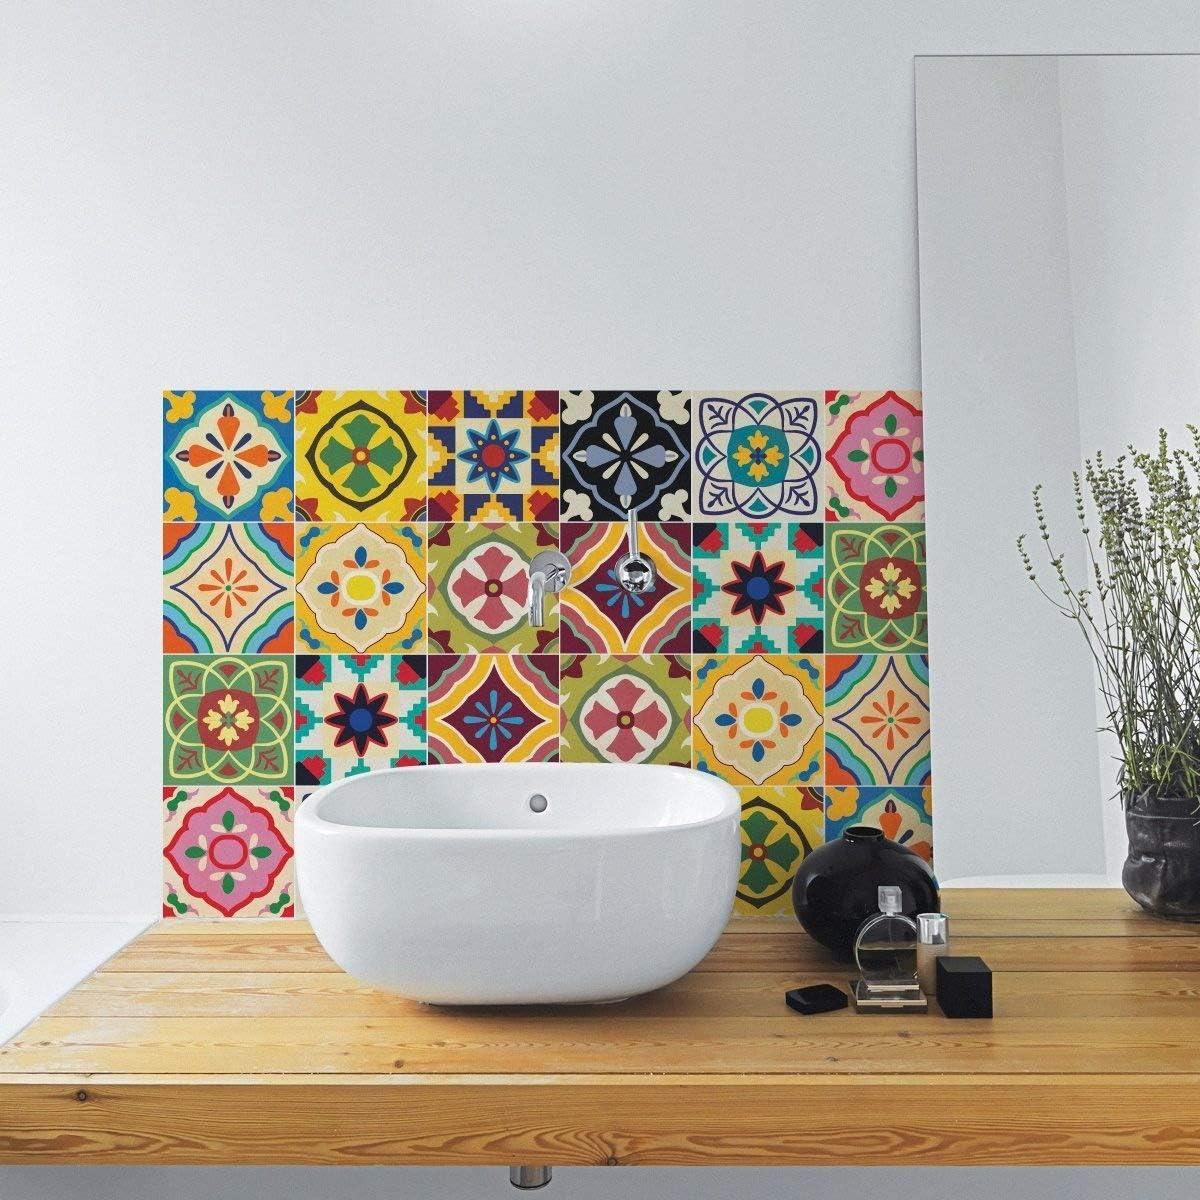 /Lot DE 24/ 4x4 inches 10x10 cm Sirface Talavera Tile Stickers/ /Ensemble de Stickers pour carrelage pour Cuisine et Salle de Bain/ /Diff/érentes Tailles Disponibles